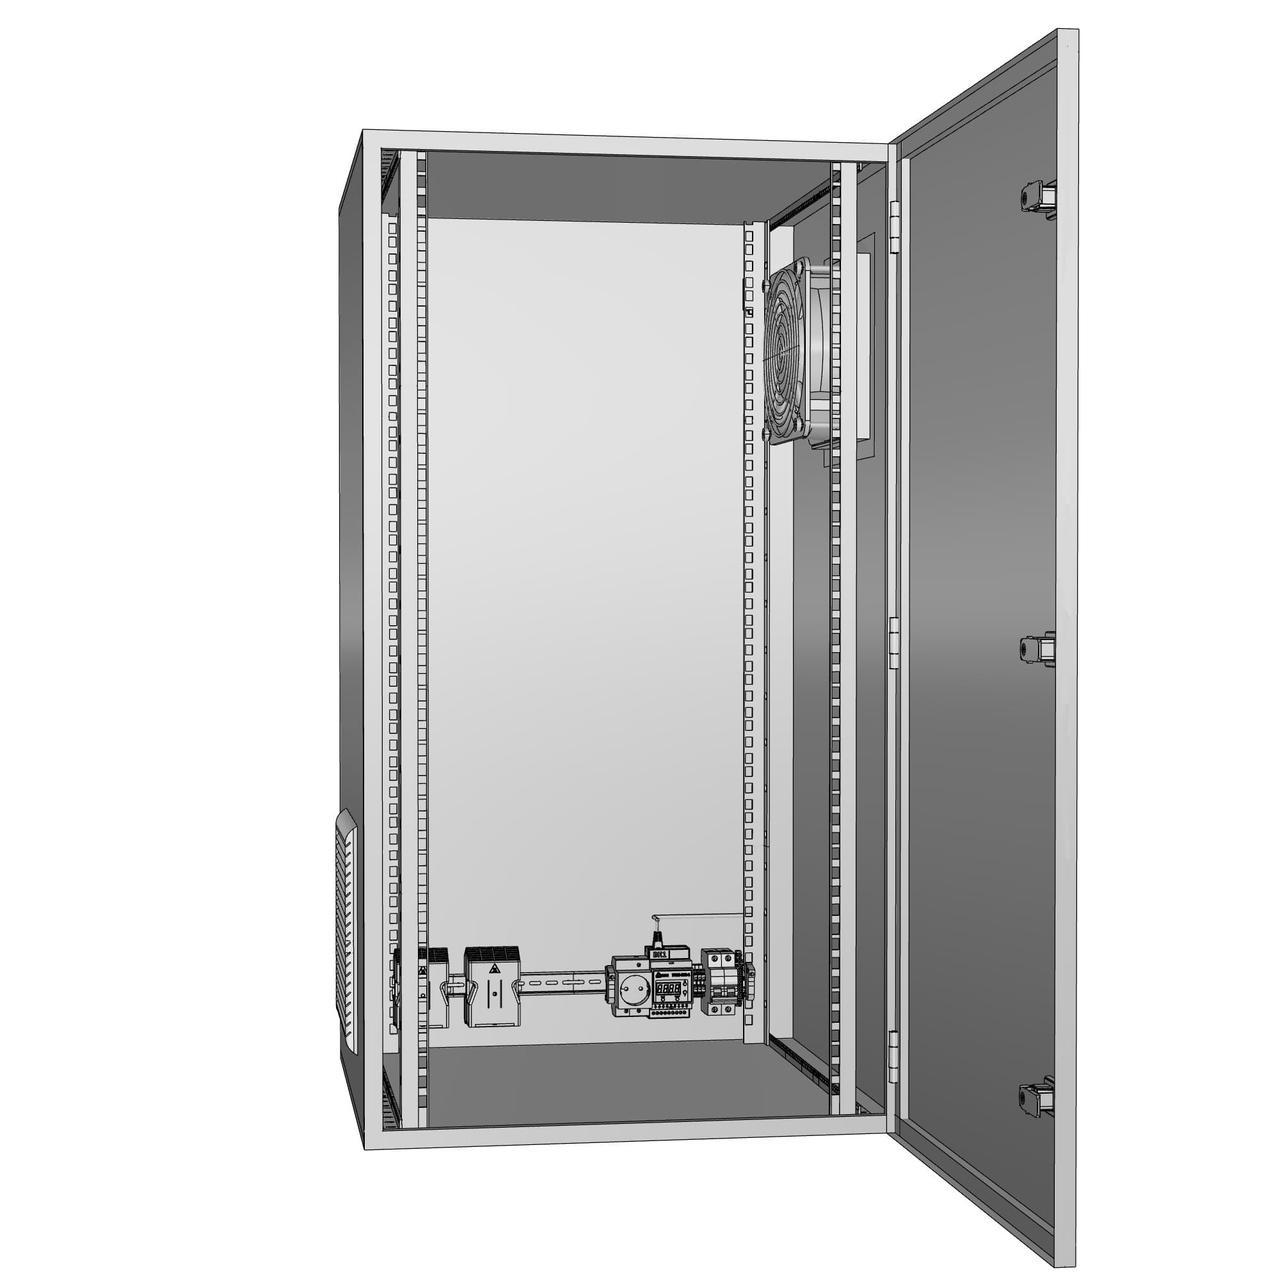 Шкаф климатический утеплённый с обогревом и вентиляцией ЩКу- ОВ- 2 - 500×400×250 (В×Ш×Г) IP65